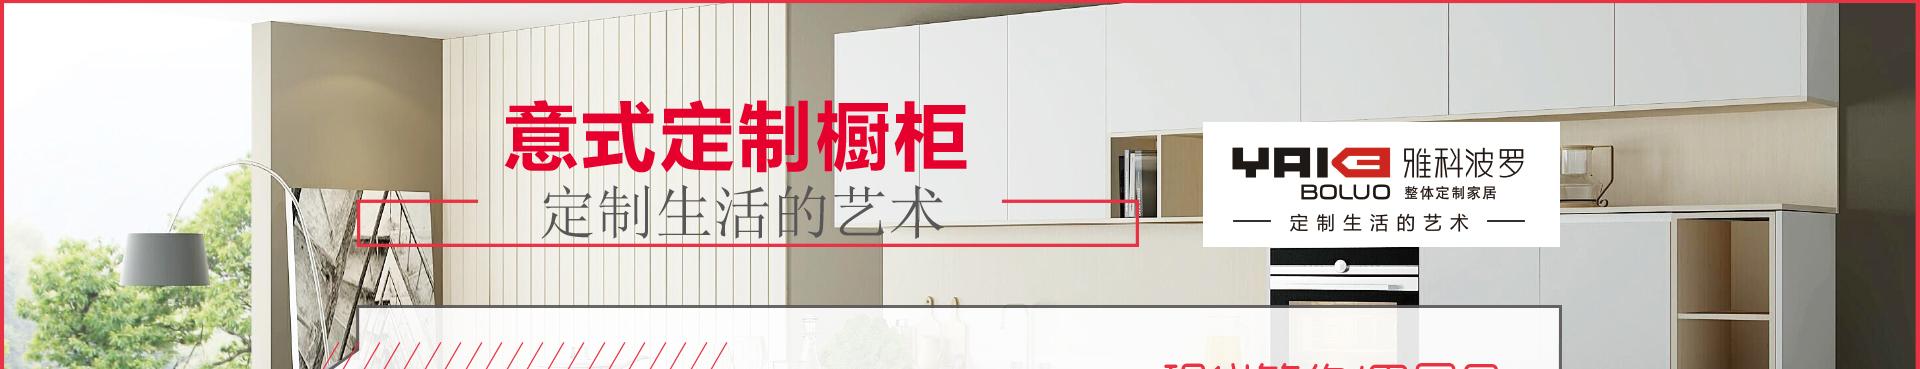 雅科波罗橱柜 2099 元/延米